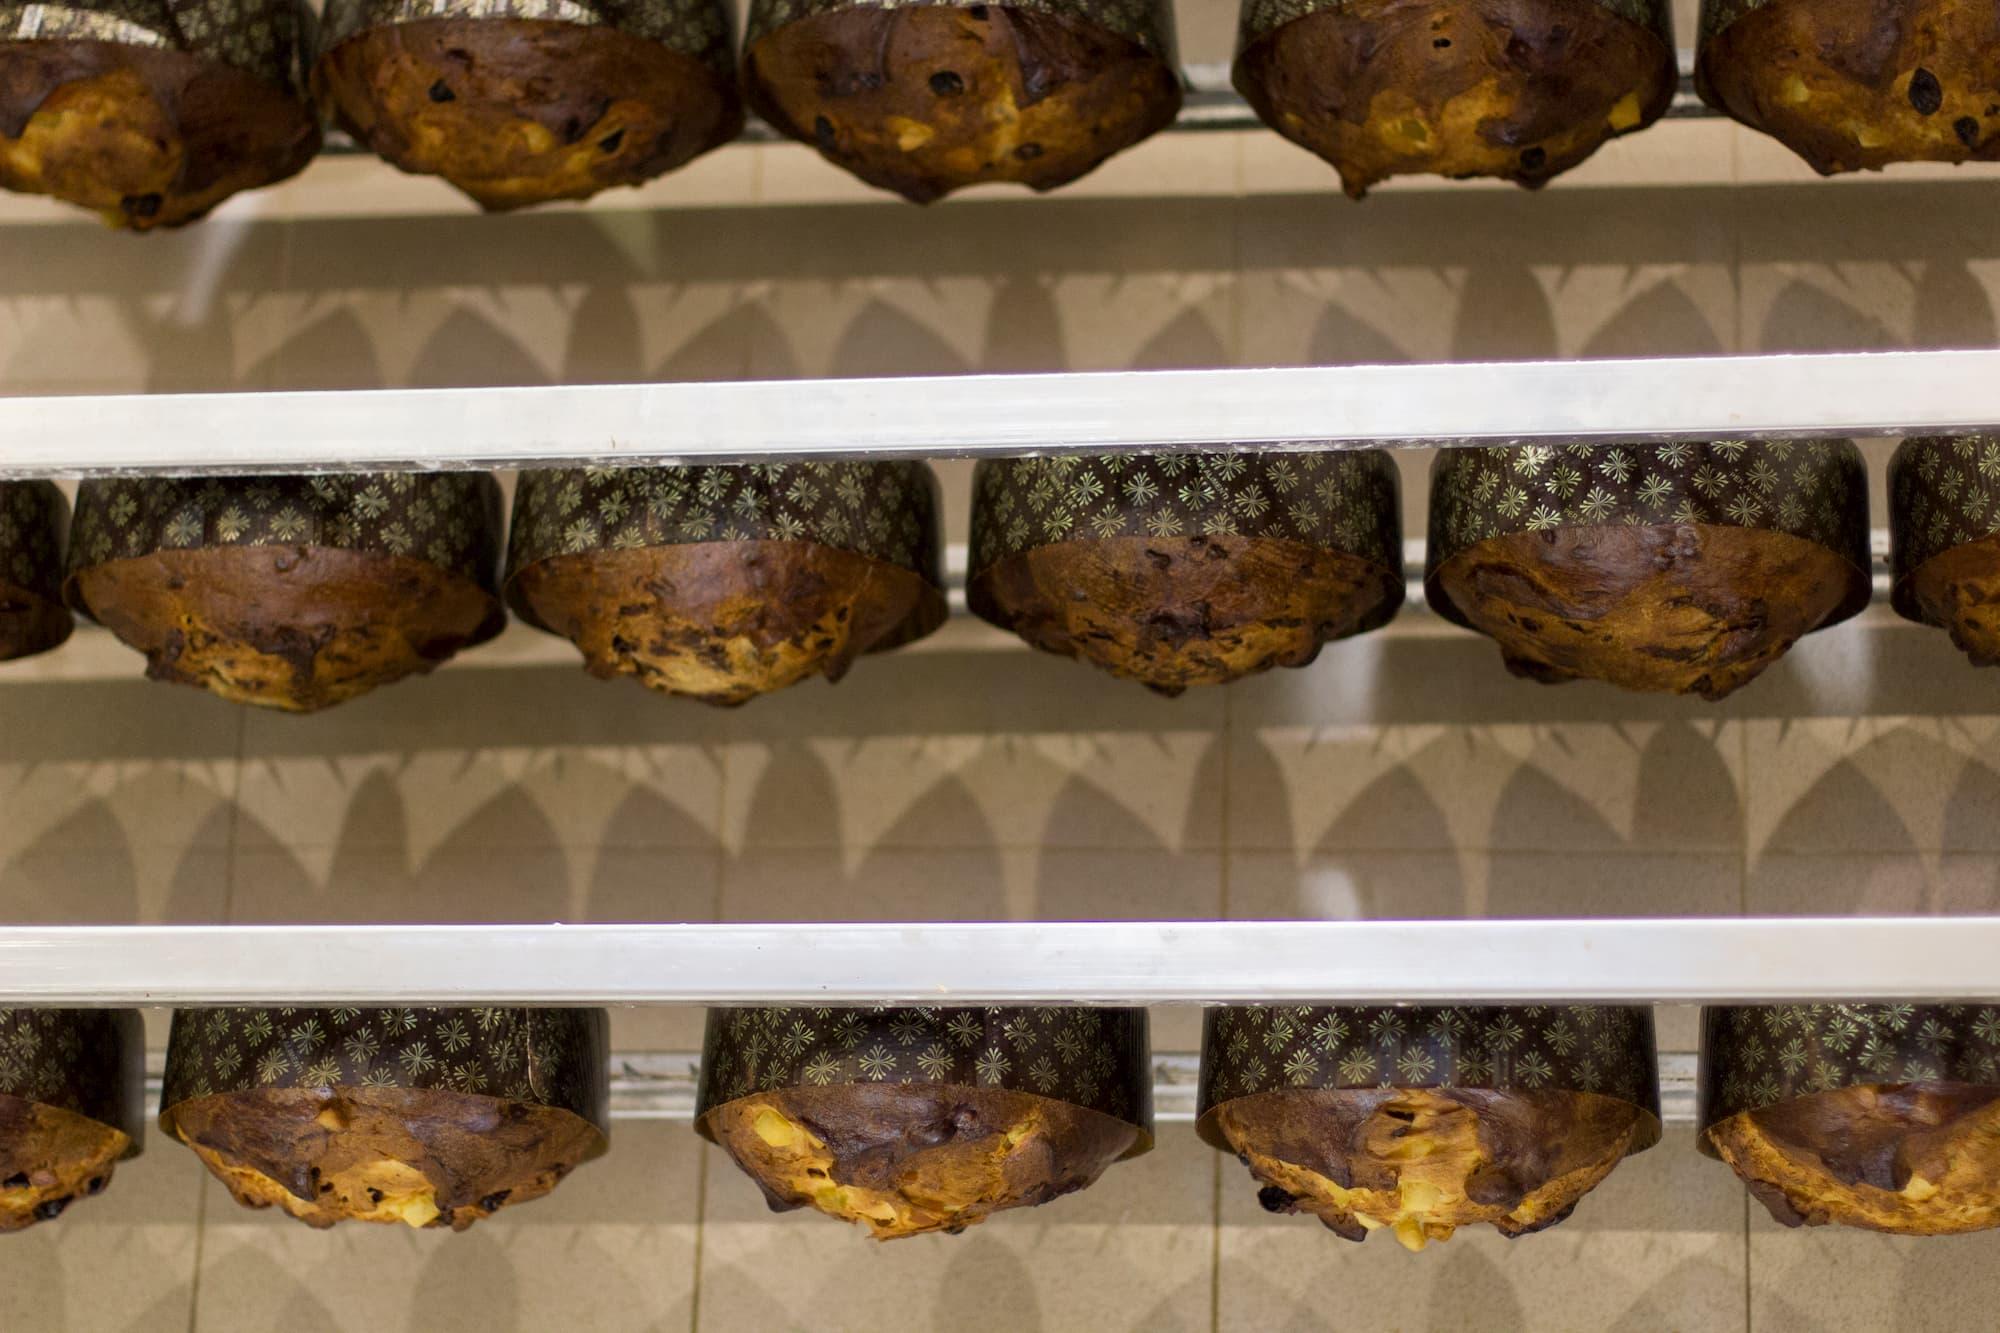 Foto industriale: food pasticceria